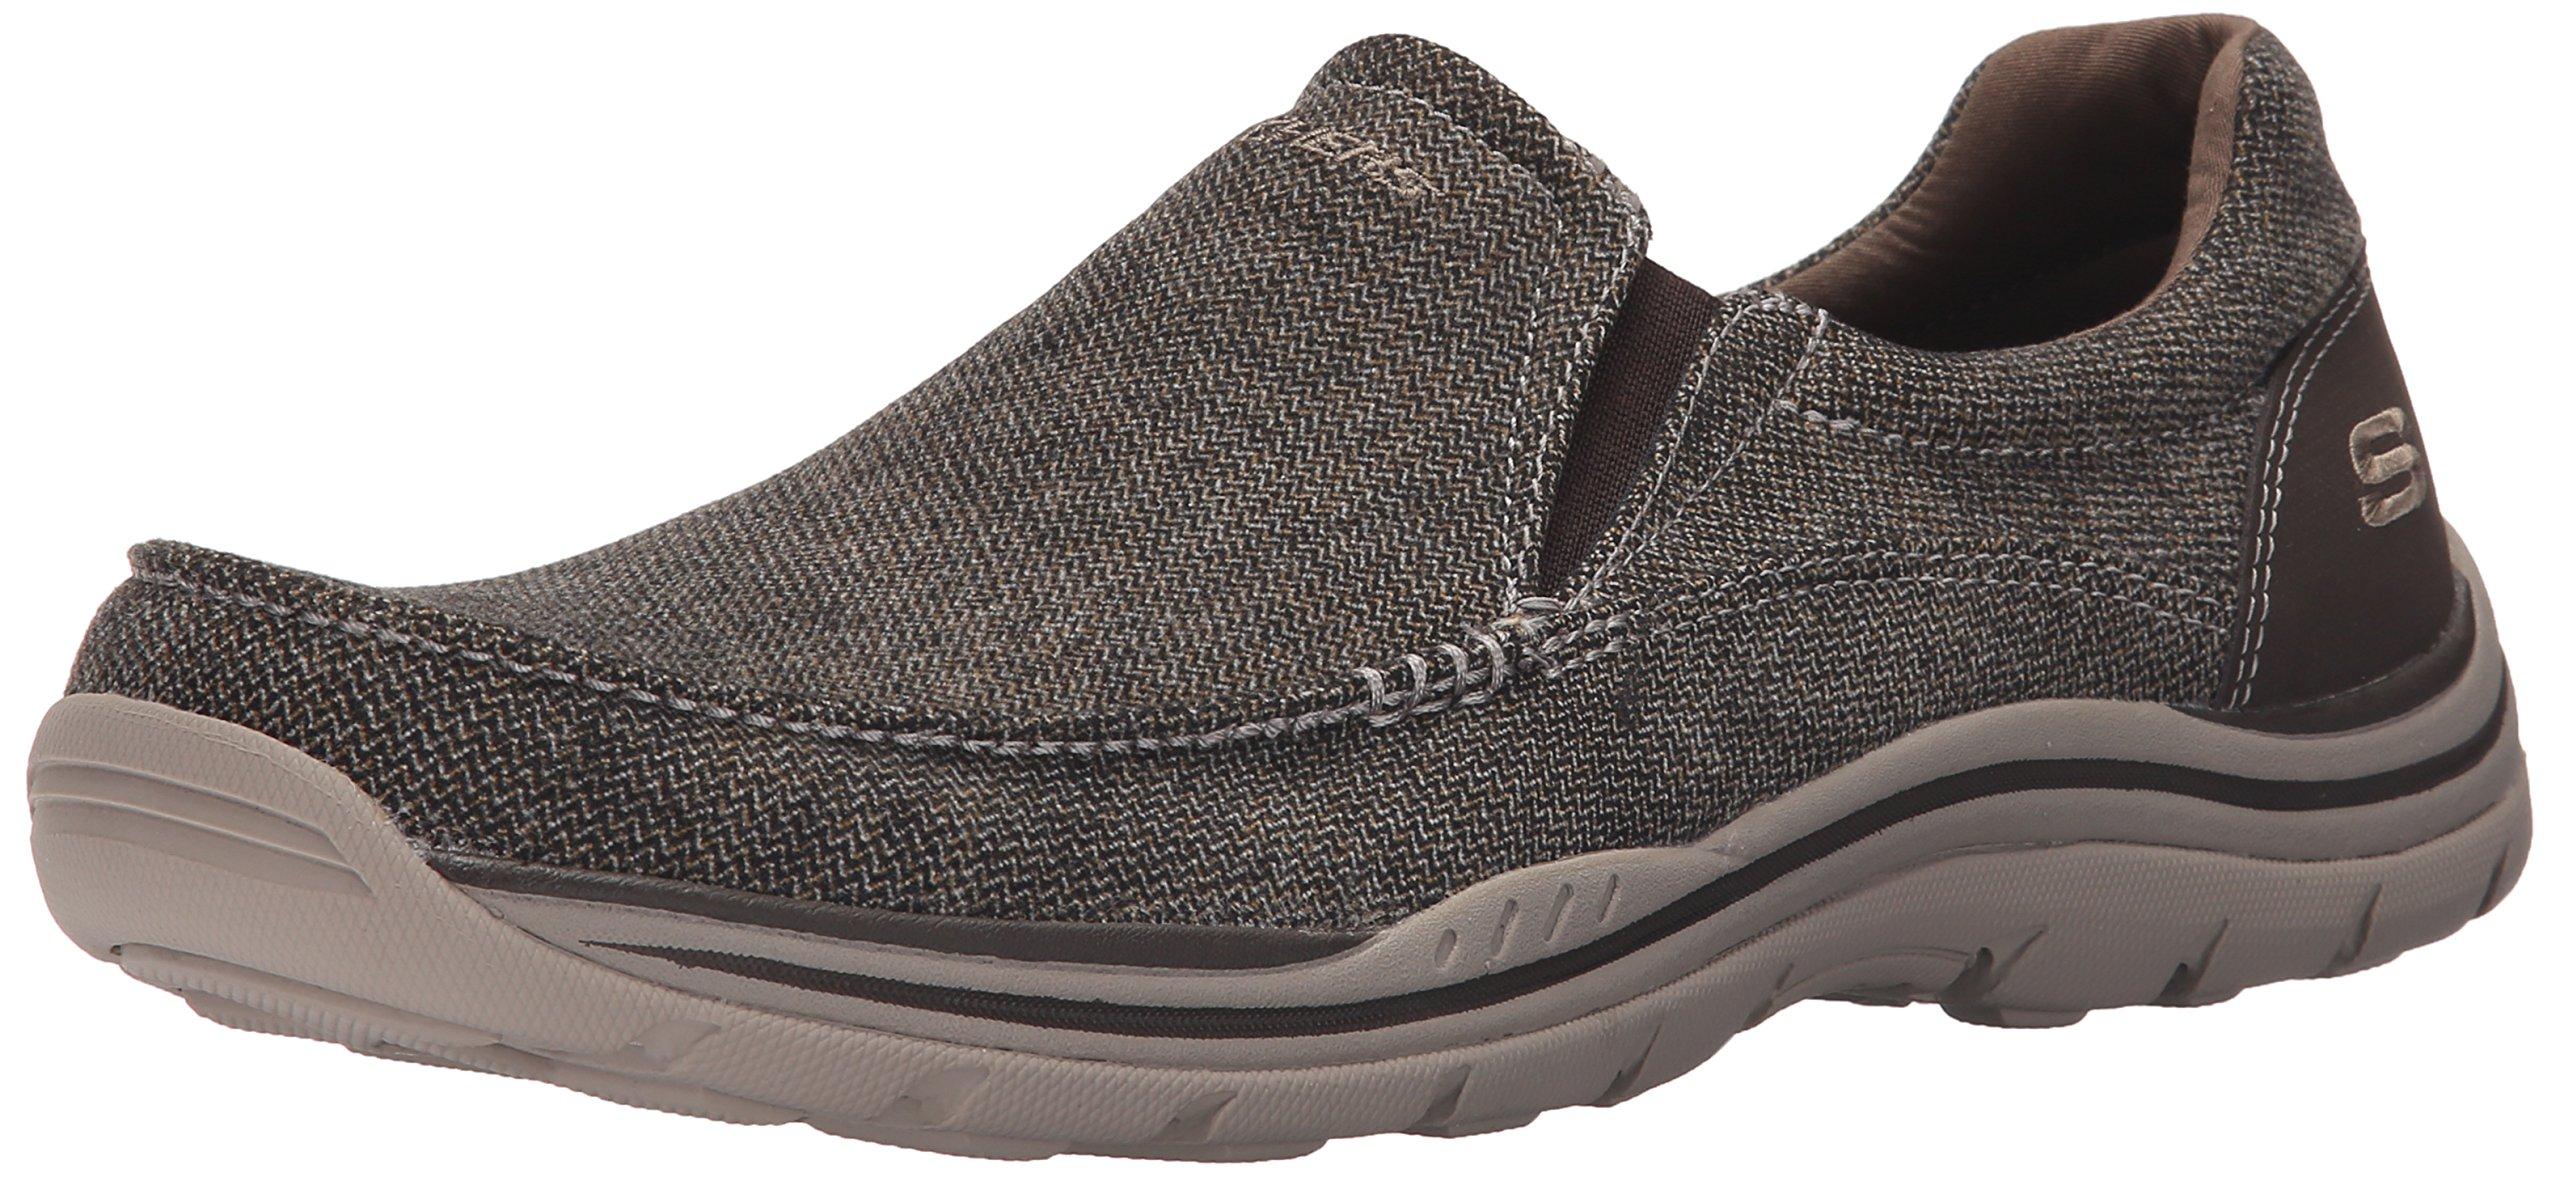 Skechers USA Men's Expected Avillo Relaxed-Fit Slip-On Loafer,Dark Brown,12 M US by Skechers